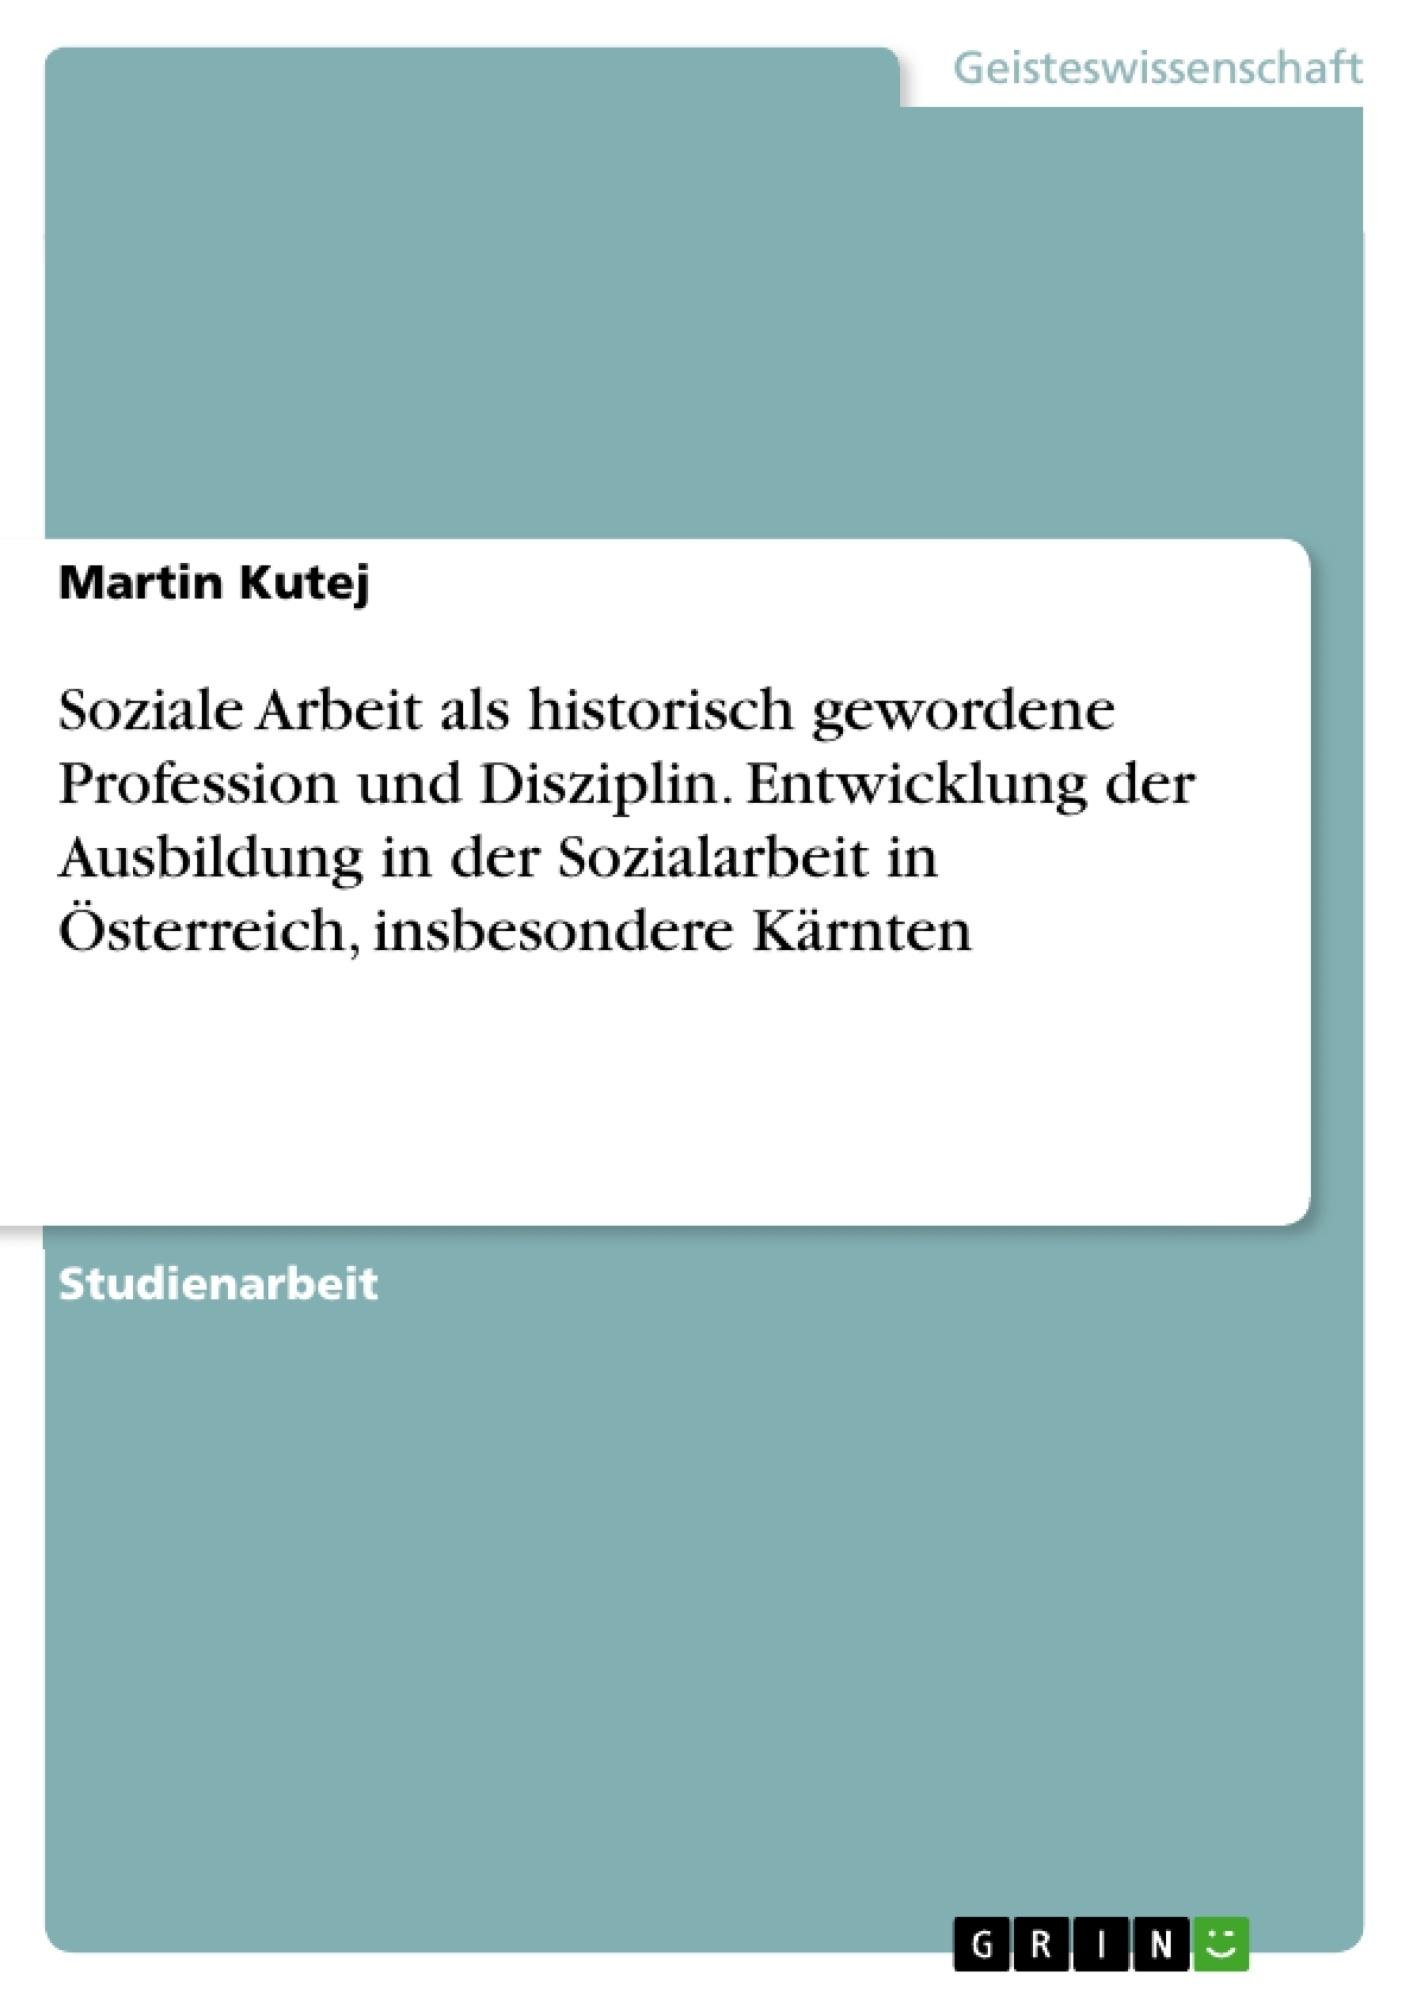 Titel: Soziale Arbeit als historisch gewordene Profession und Disziplin. Entwicklung der Ausbildung in der Sozialarbeit in Österreich, insbesondere Kärnten